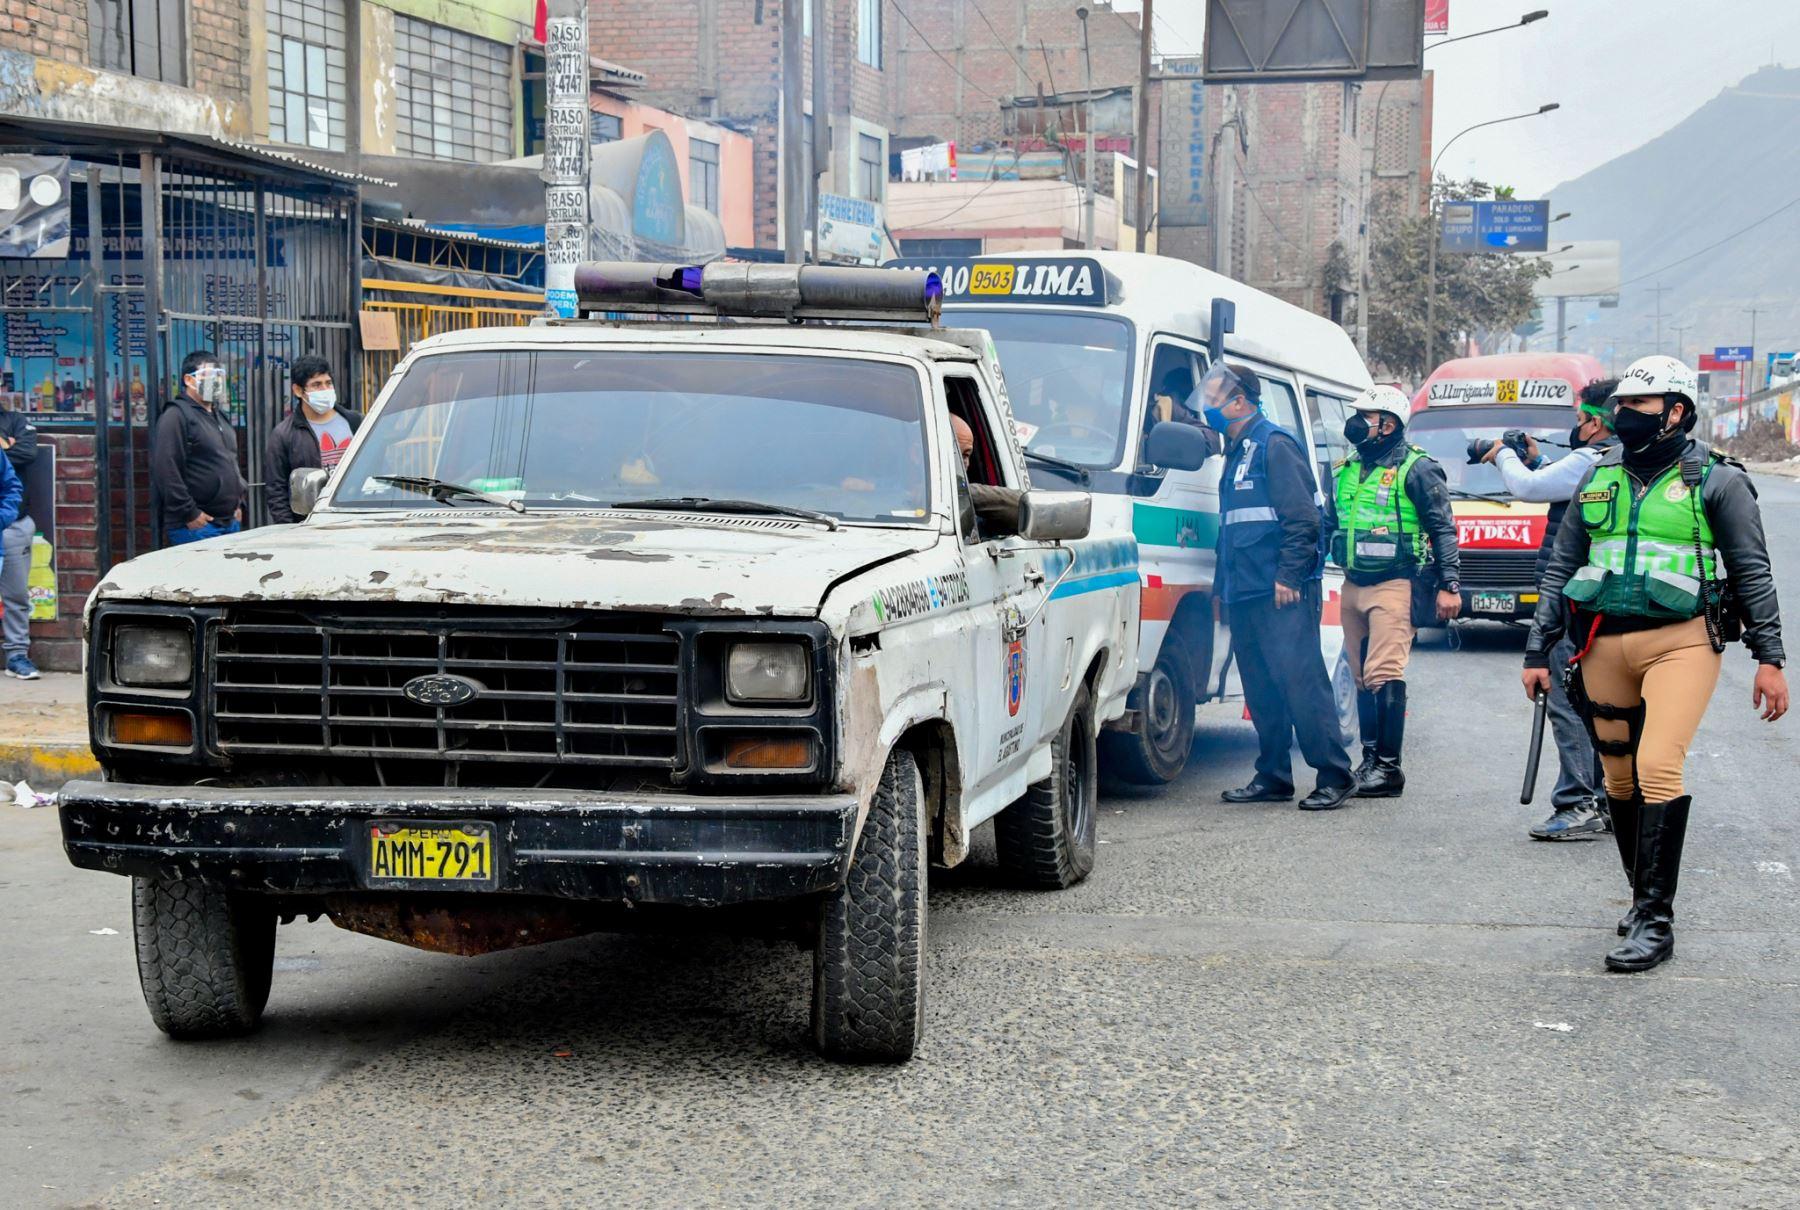 En total, se detectó a 25 unidades que transportaban pasajeros en condiciones de informalidad, por lo que fueron conducidas a los depósitos municipales de Chorrillos y El Agustino que ya se encuentran acreditados por la ATU. Foto:ANDINA/ATU